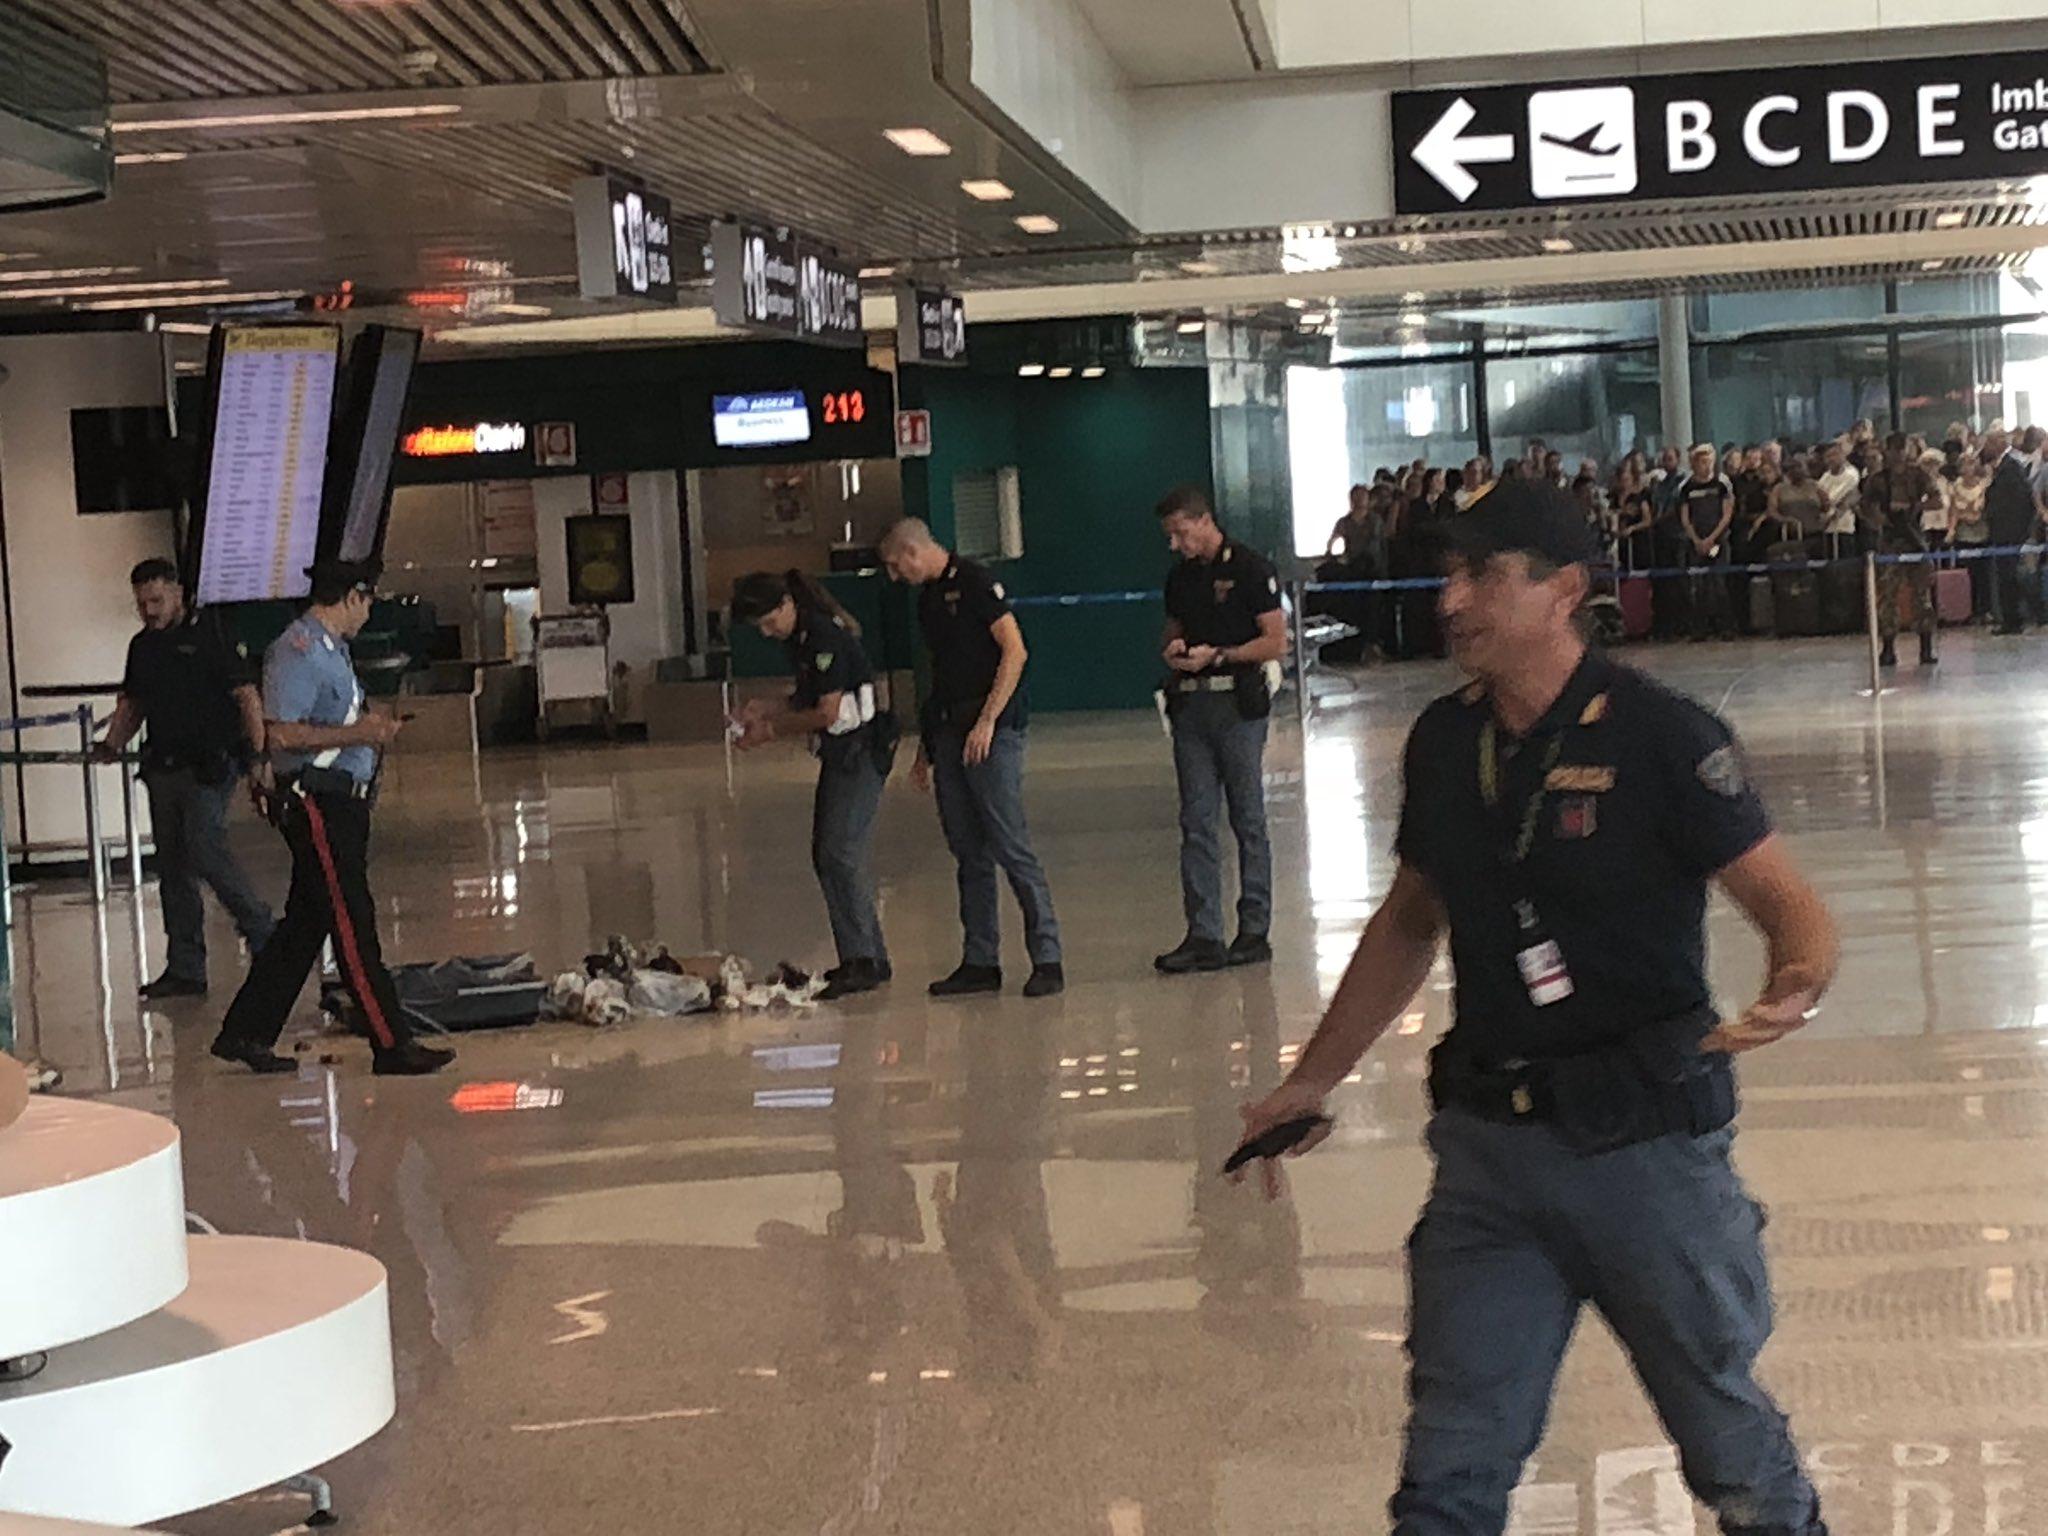 La maleta abandonada en uno de los halls del Aeropuerto de Fiumicino ya fue detonada por la policía de Roma. Instantes después se sorprenderían con su contenido (Ned Donovan/Twitter)